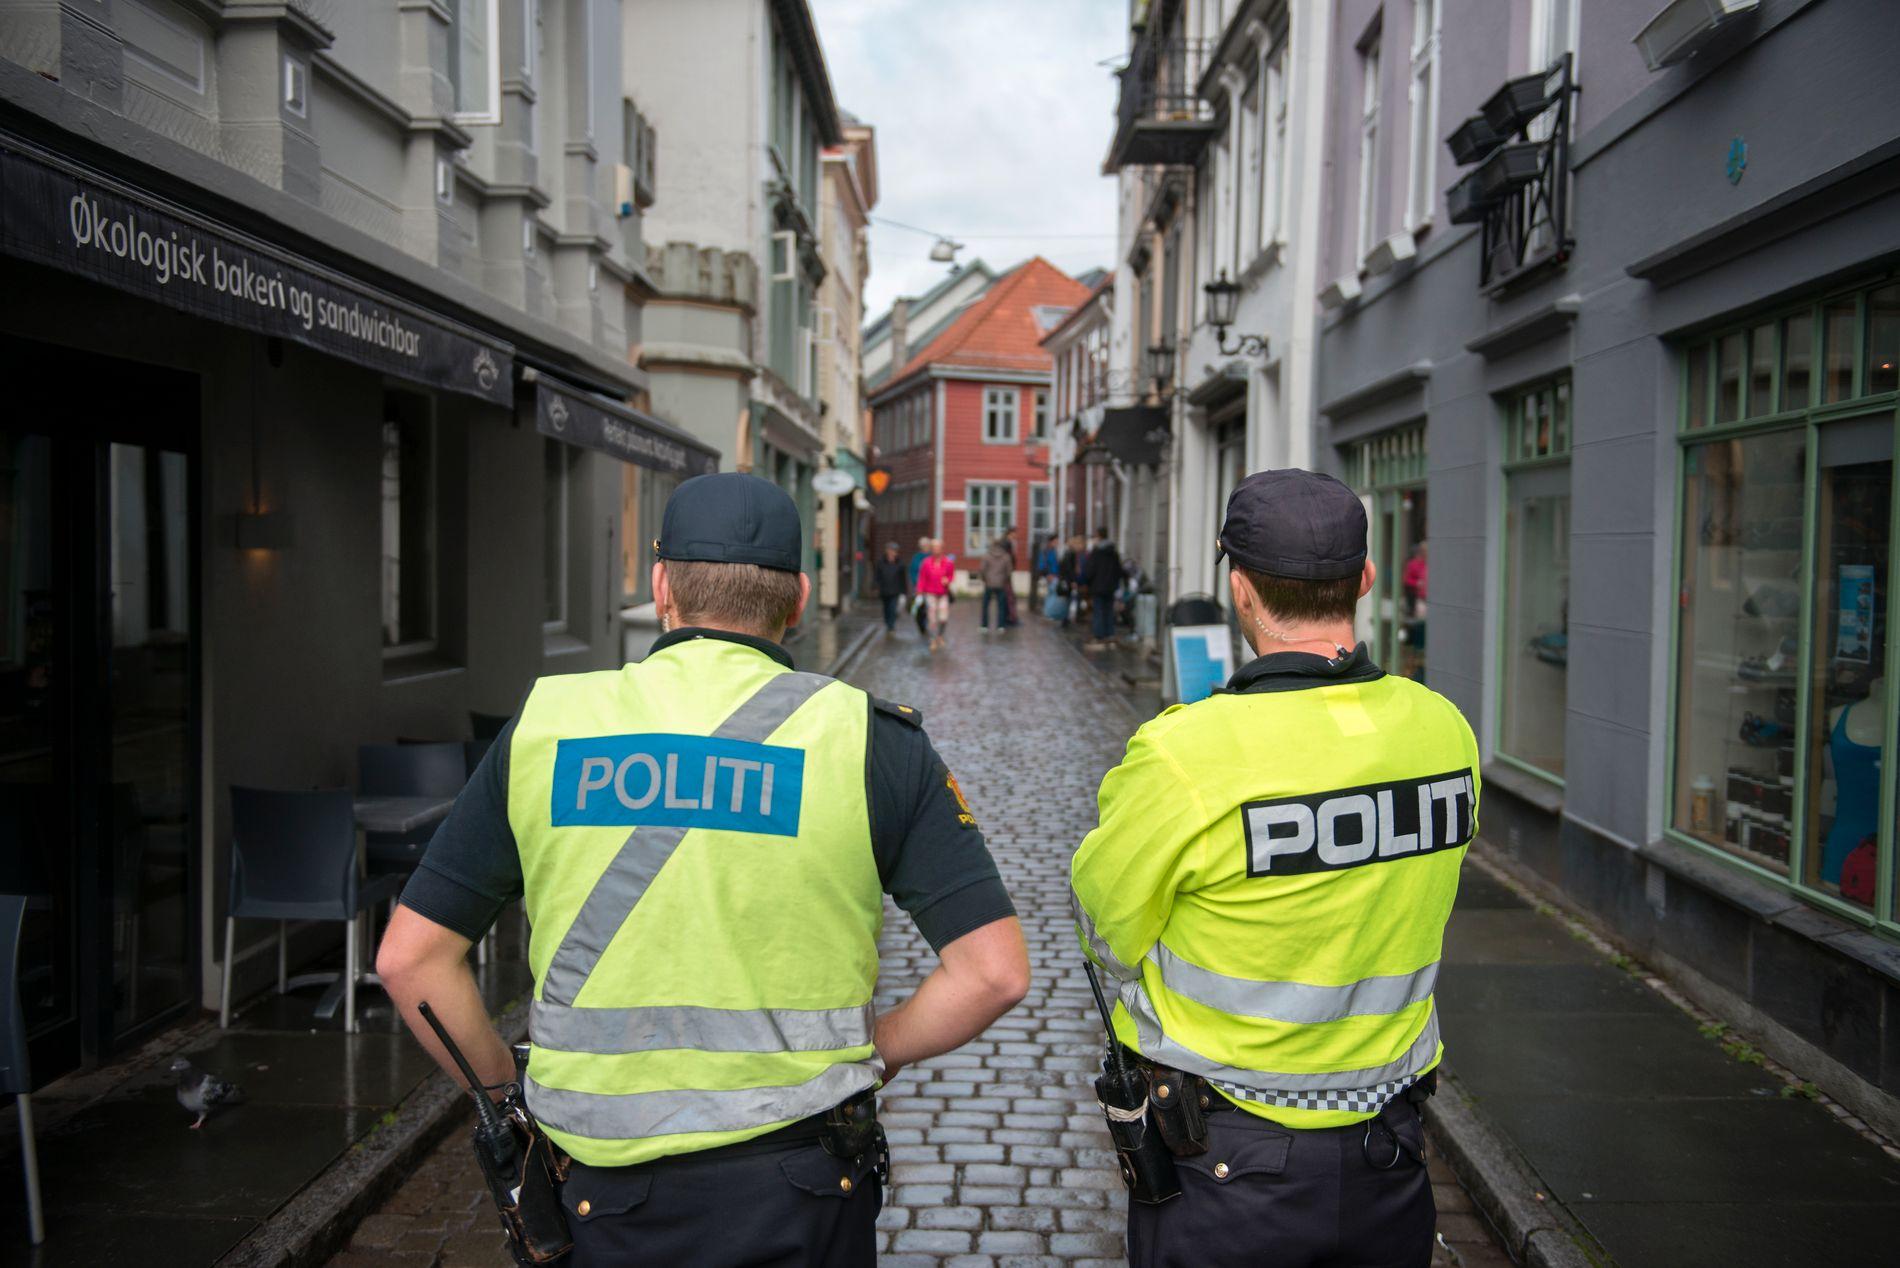 BELASTA: Folk i nabolaget er utslitne og i ferd med å gje opp, skriv innsendaren om problema i og rundt Vågsbunnen i Bergen sentrum.